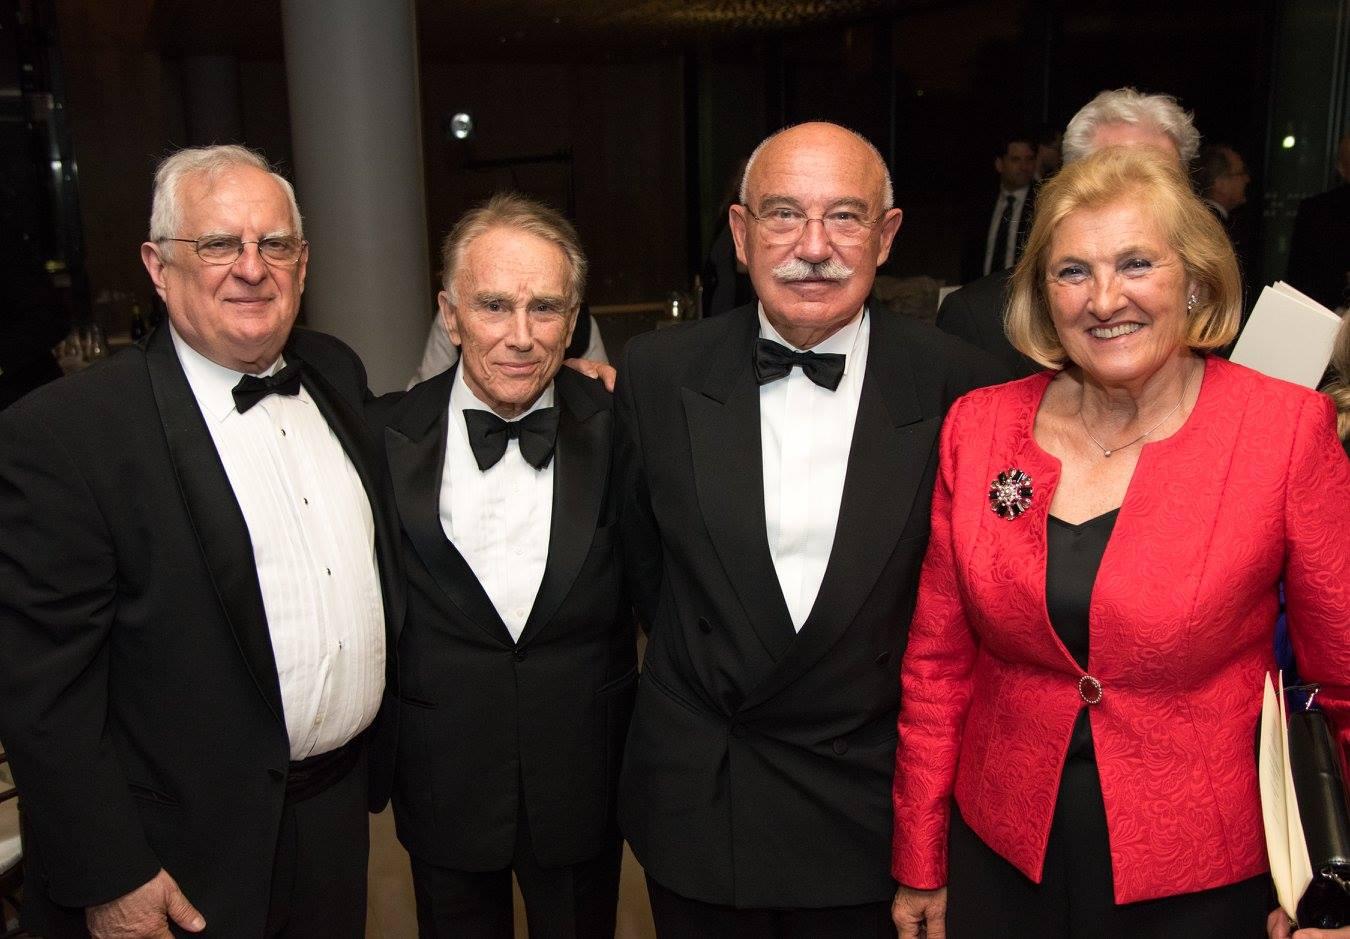 Coalition Treasurer Zsolt Szekeres, Mr. Julius Varallyay, Dr. János Martonyi, Dr. Rozália Rábai